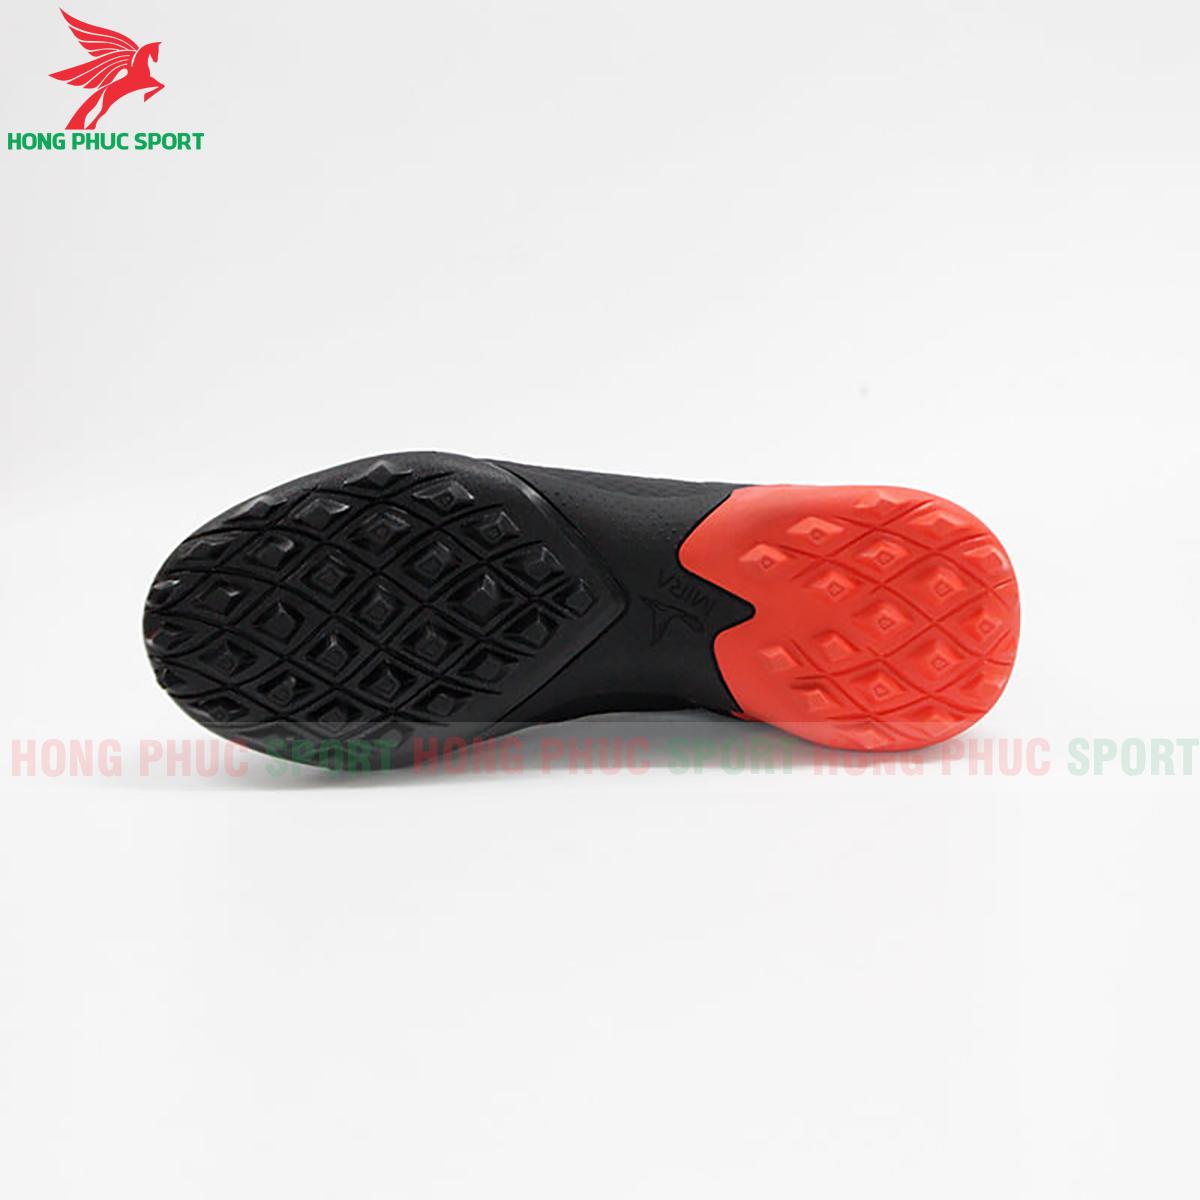 Giày Mira Lux 20.3 sân cỏ nhân tạo đen phối đỏ (đế)